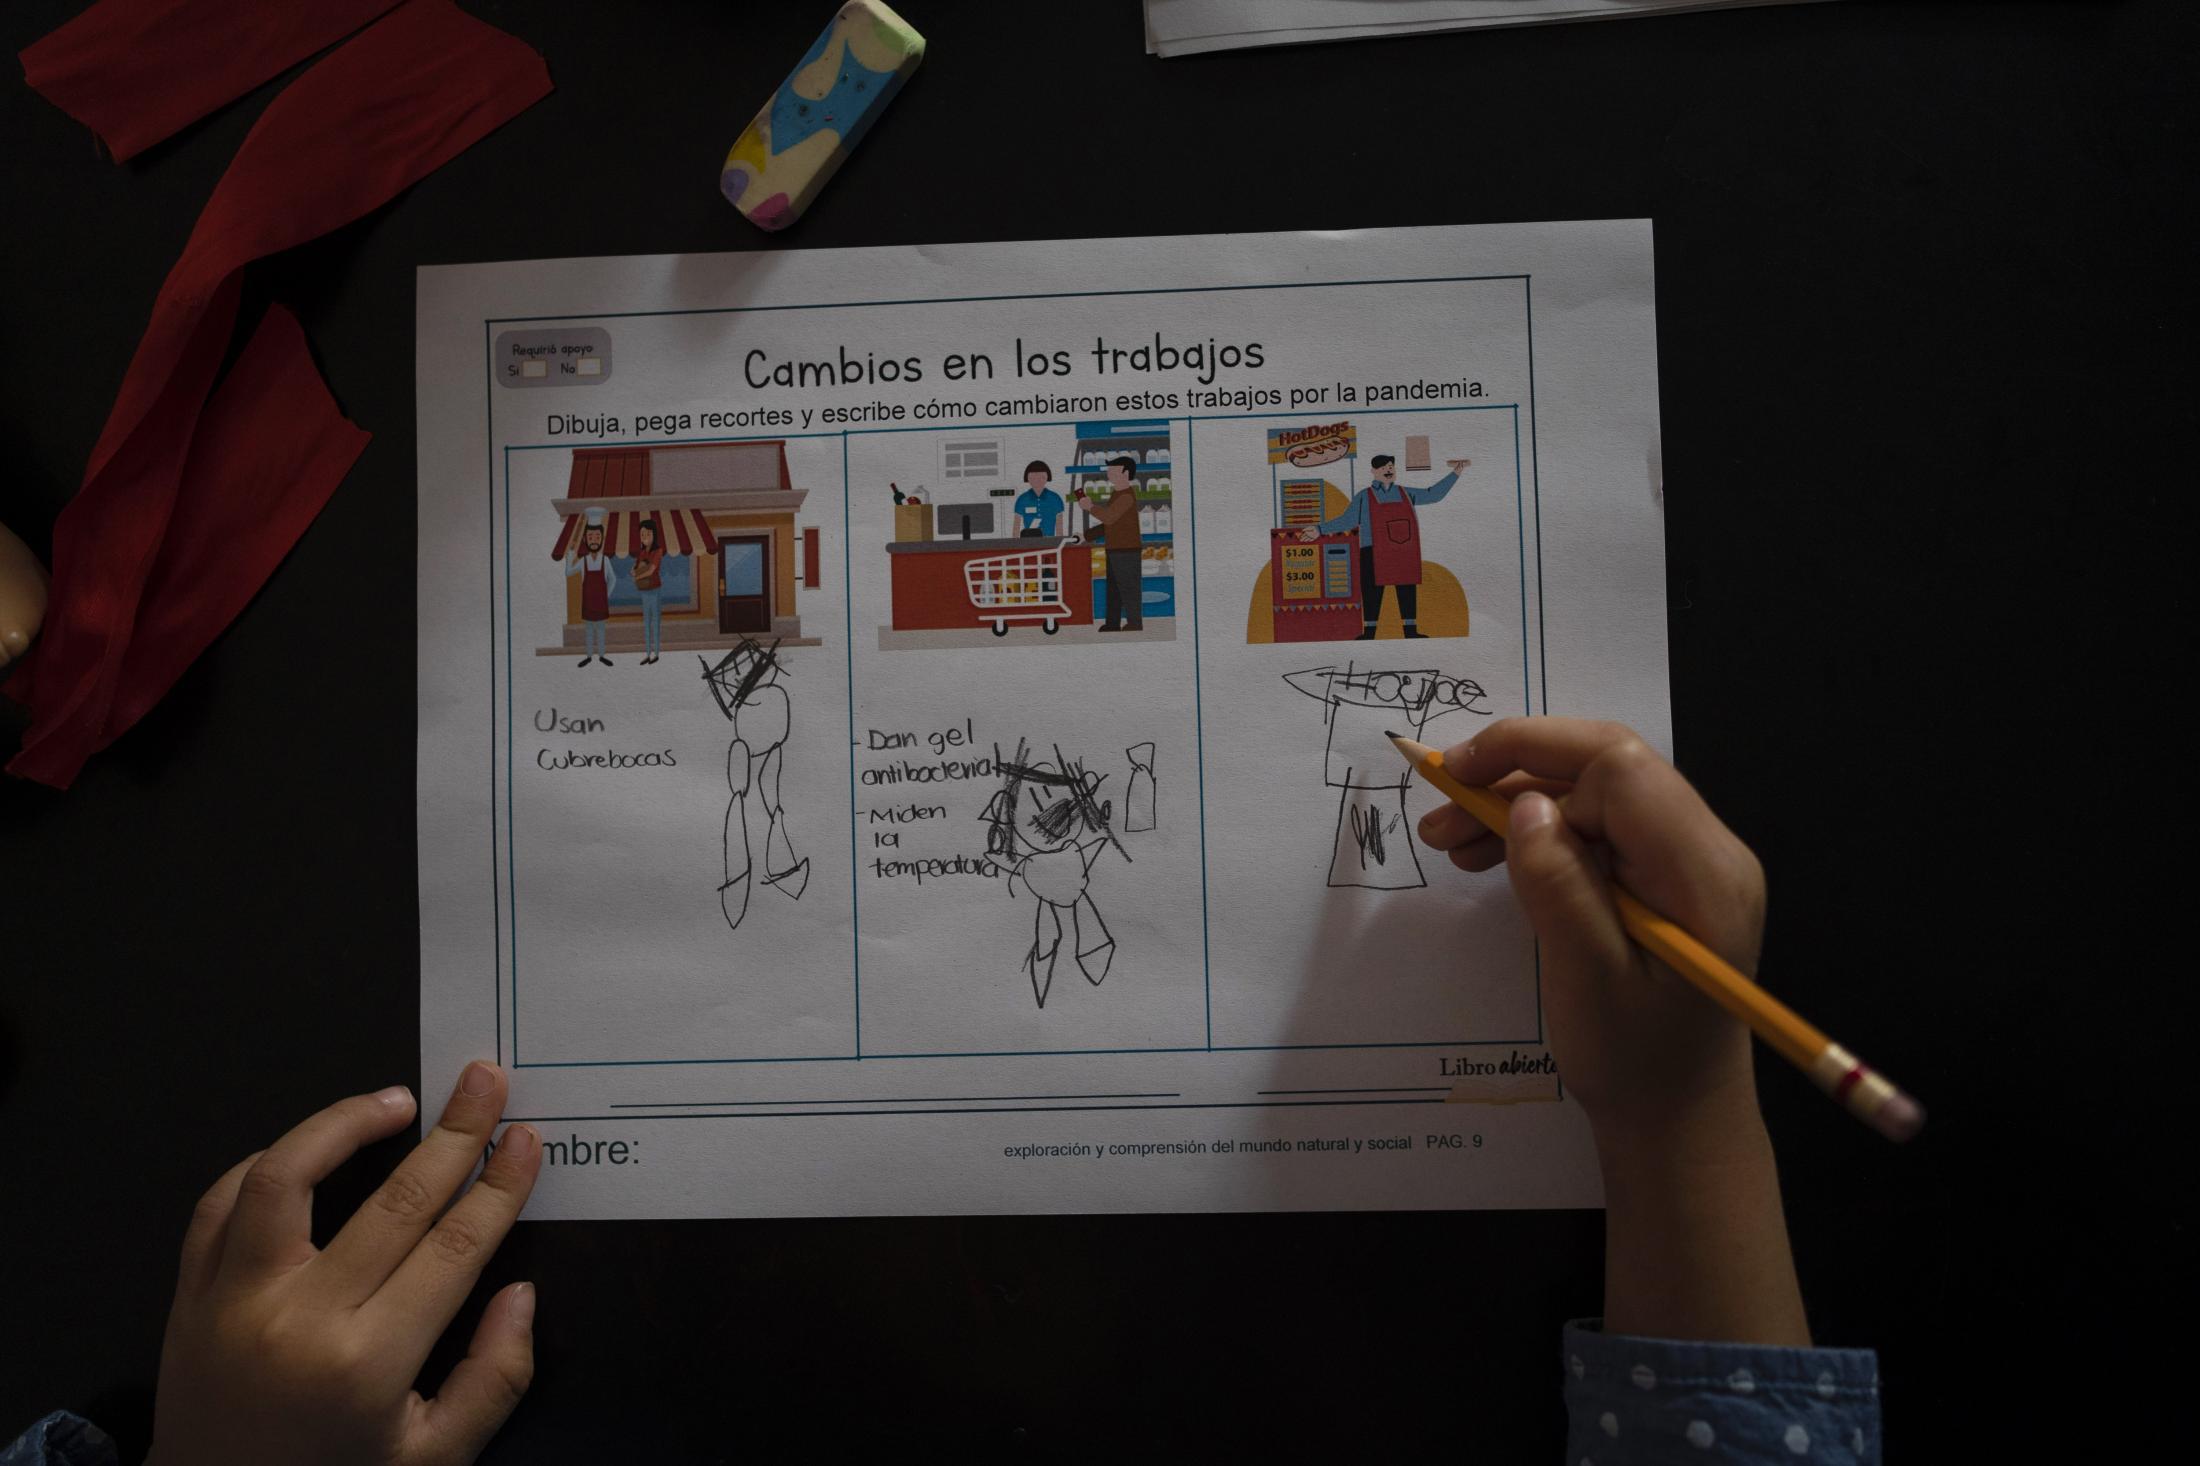 Maria José, hija menor de Mónica Quijano, dibuja los cambios en los trabajos como parte de sus tareas durante el ciclo escolar virtual derivado de la pandemia por Covid-19, en San Luis Potosí, México, el 01 de diciembre de 2020.